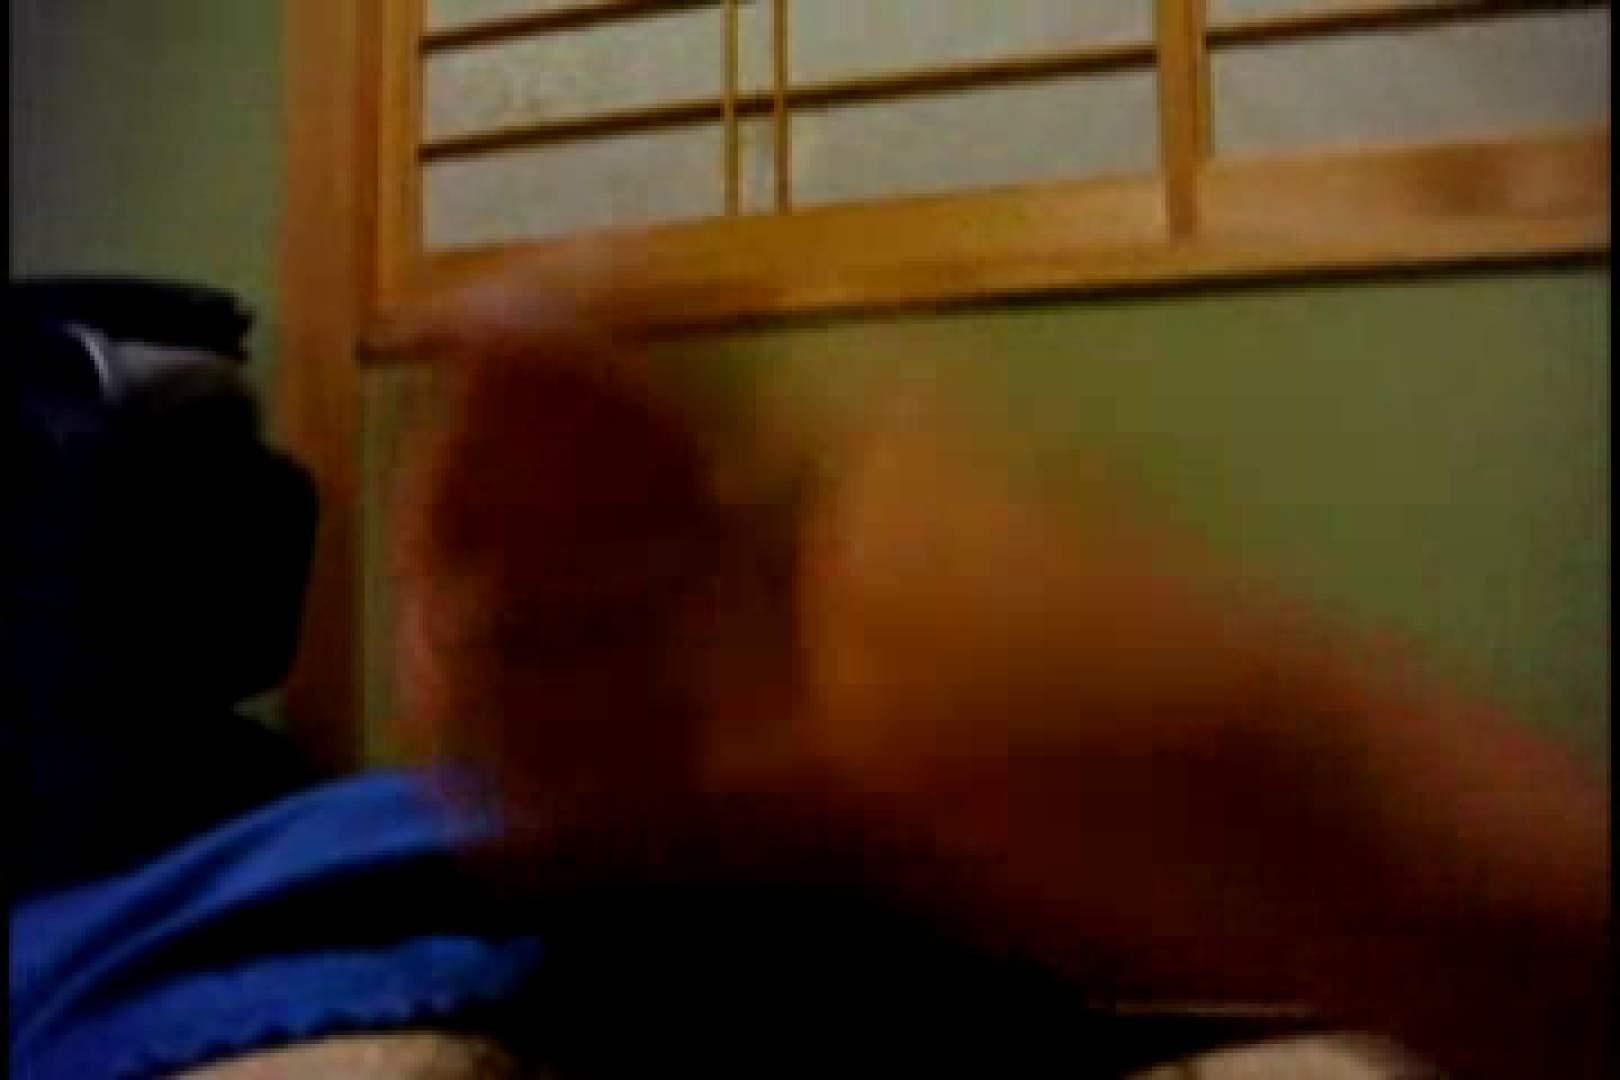 オナ好きノンケテニス部員の自画撮り投稿vol.02 射精 ゲイ無修正動画画像 102枚 3